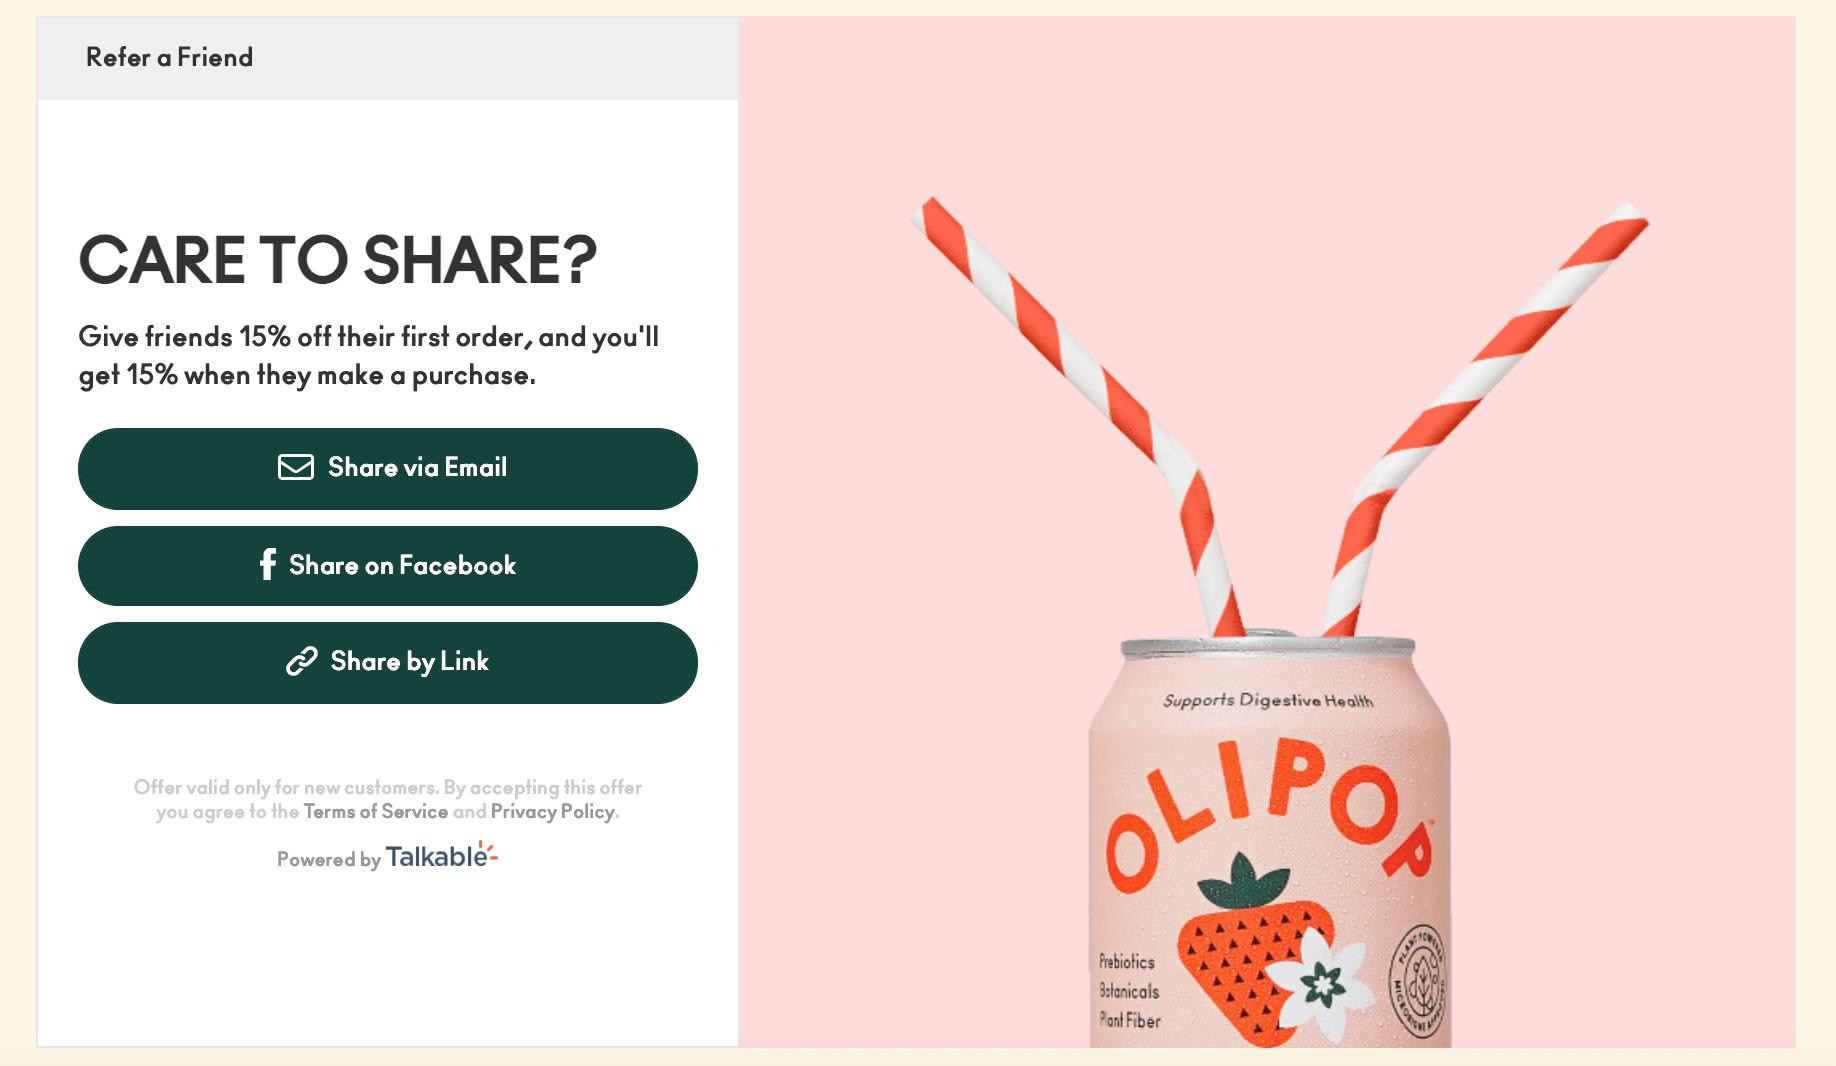 Olipop referral, by Talkable